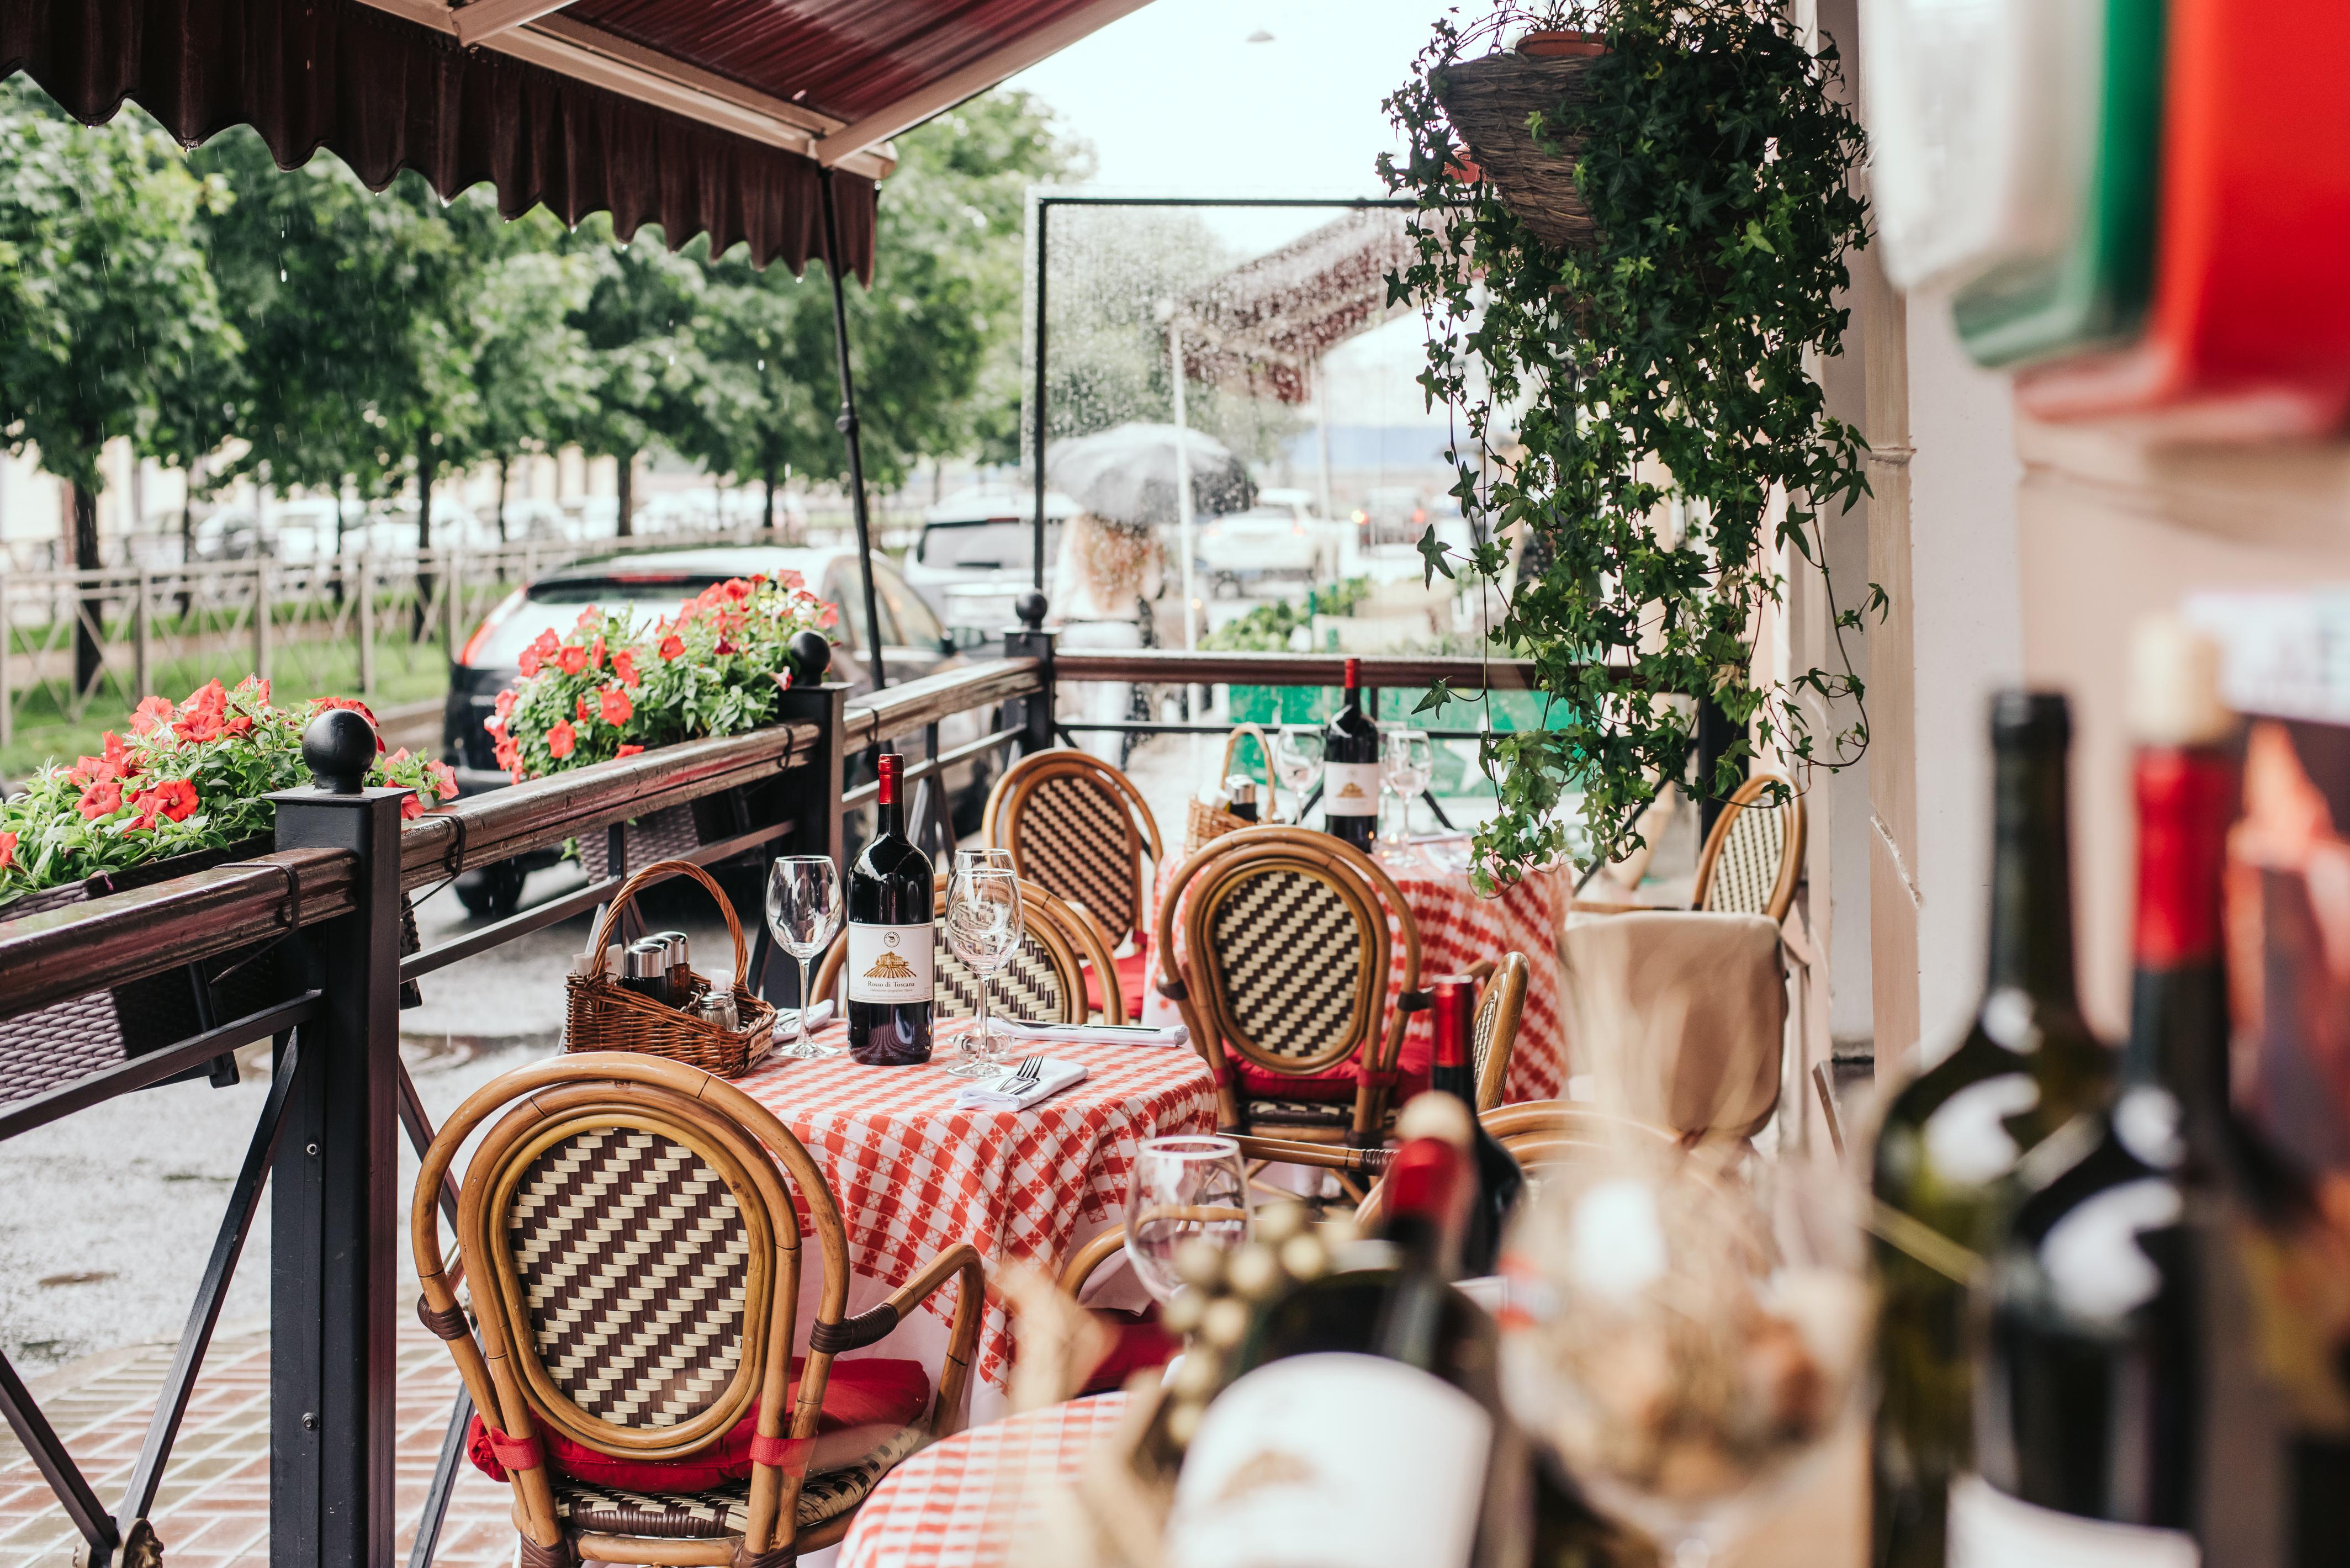 ресторан в итальянском стиле фото что вам